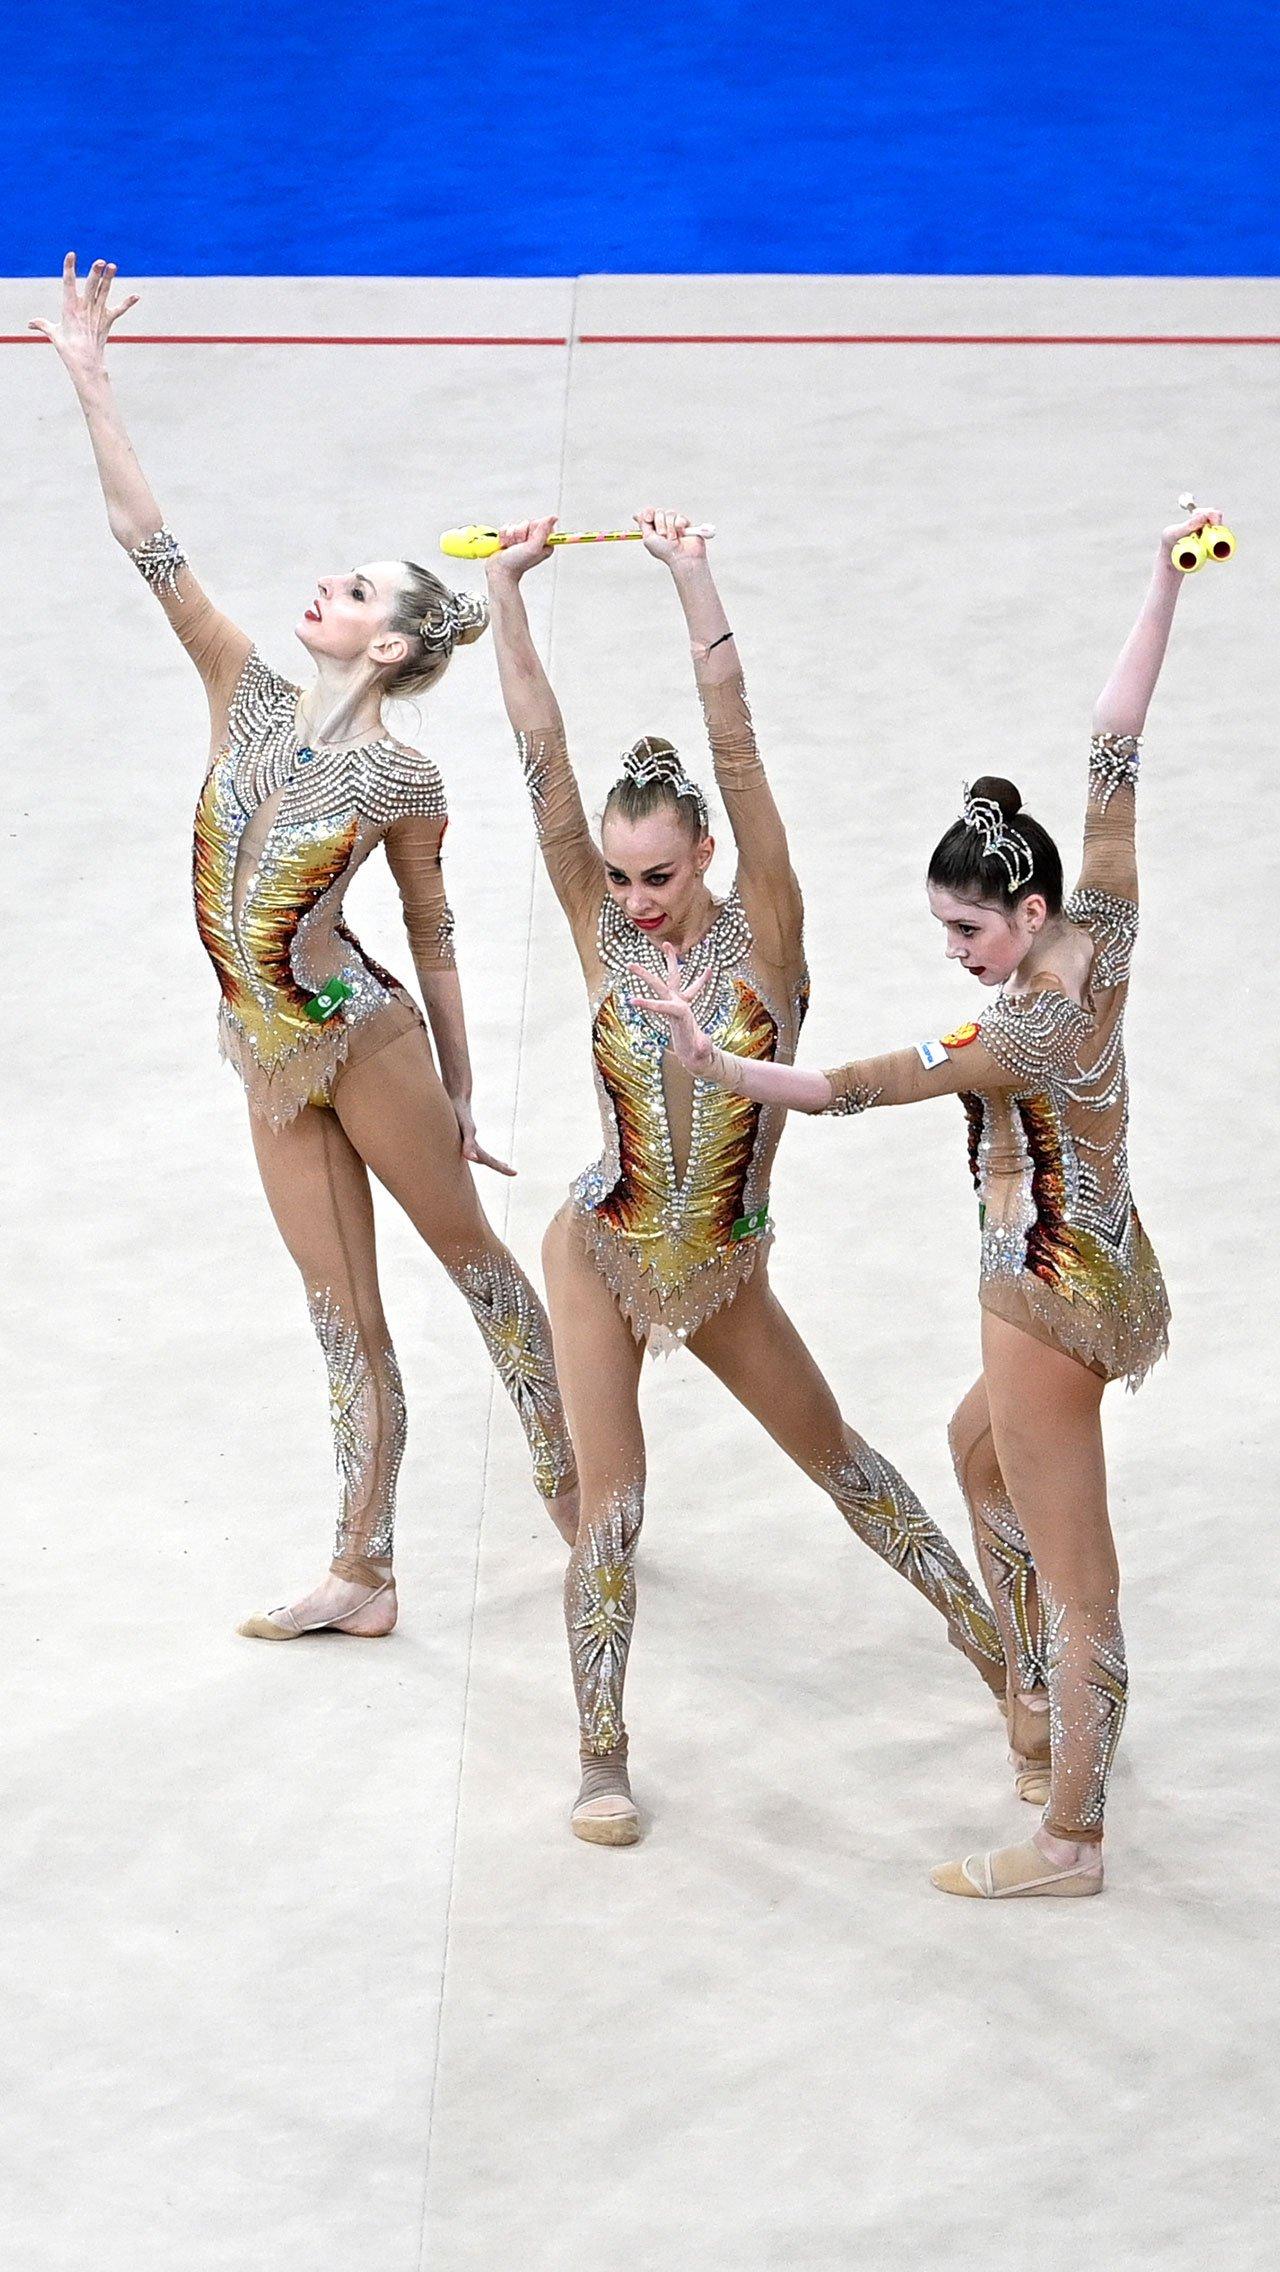 В групповом многоборье Россию представляли олимпийские чемпионки Анастасия Максимова, Анастасия Близнюк, Анастасия Татарева, а также Алиса Тищенко и Ангелина Шкатова, у которых нет больших титулов.